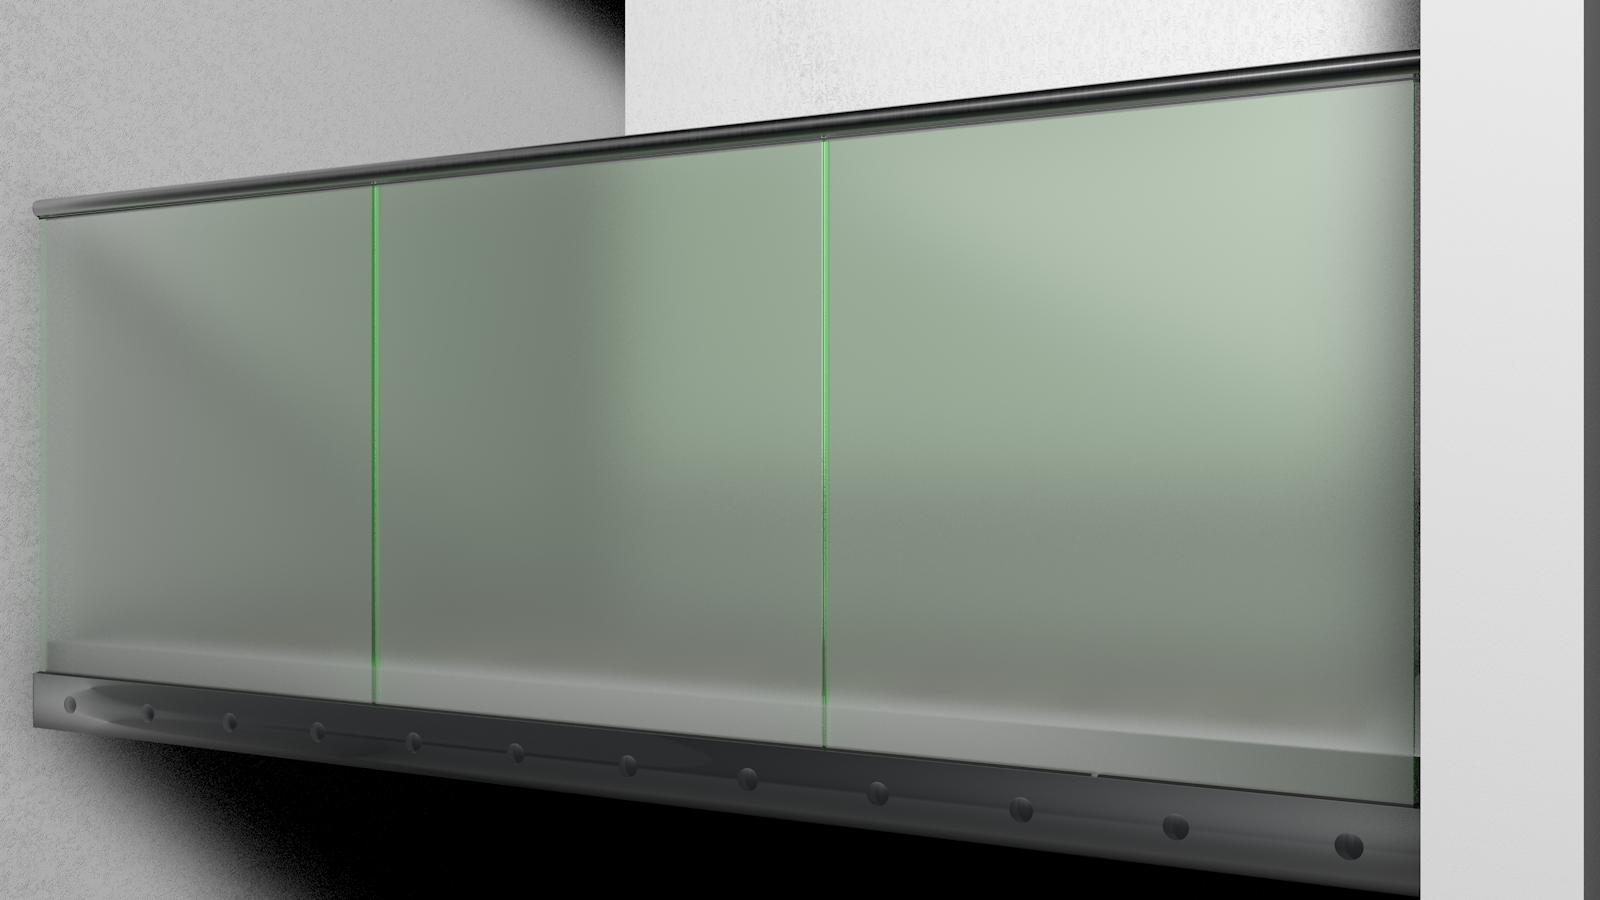 ganzglas gel nder i form ohne ecke seitliche montage edelstahl handlauf aus rohr 42 4 mm. Black Bedroom Furniture Sets. Home Design Ideas